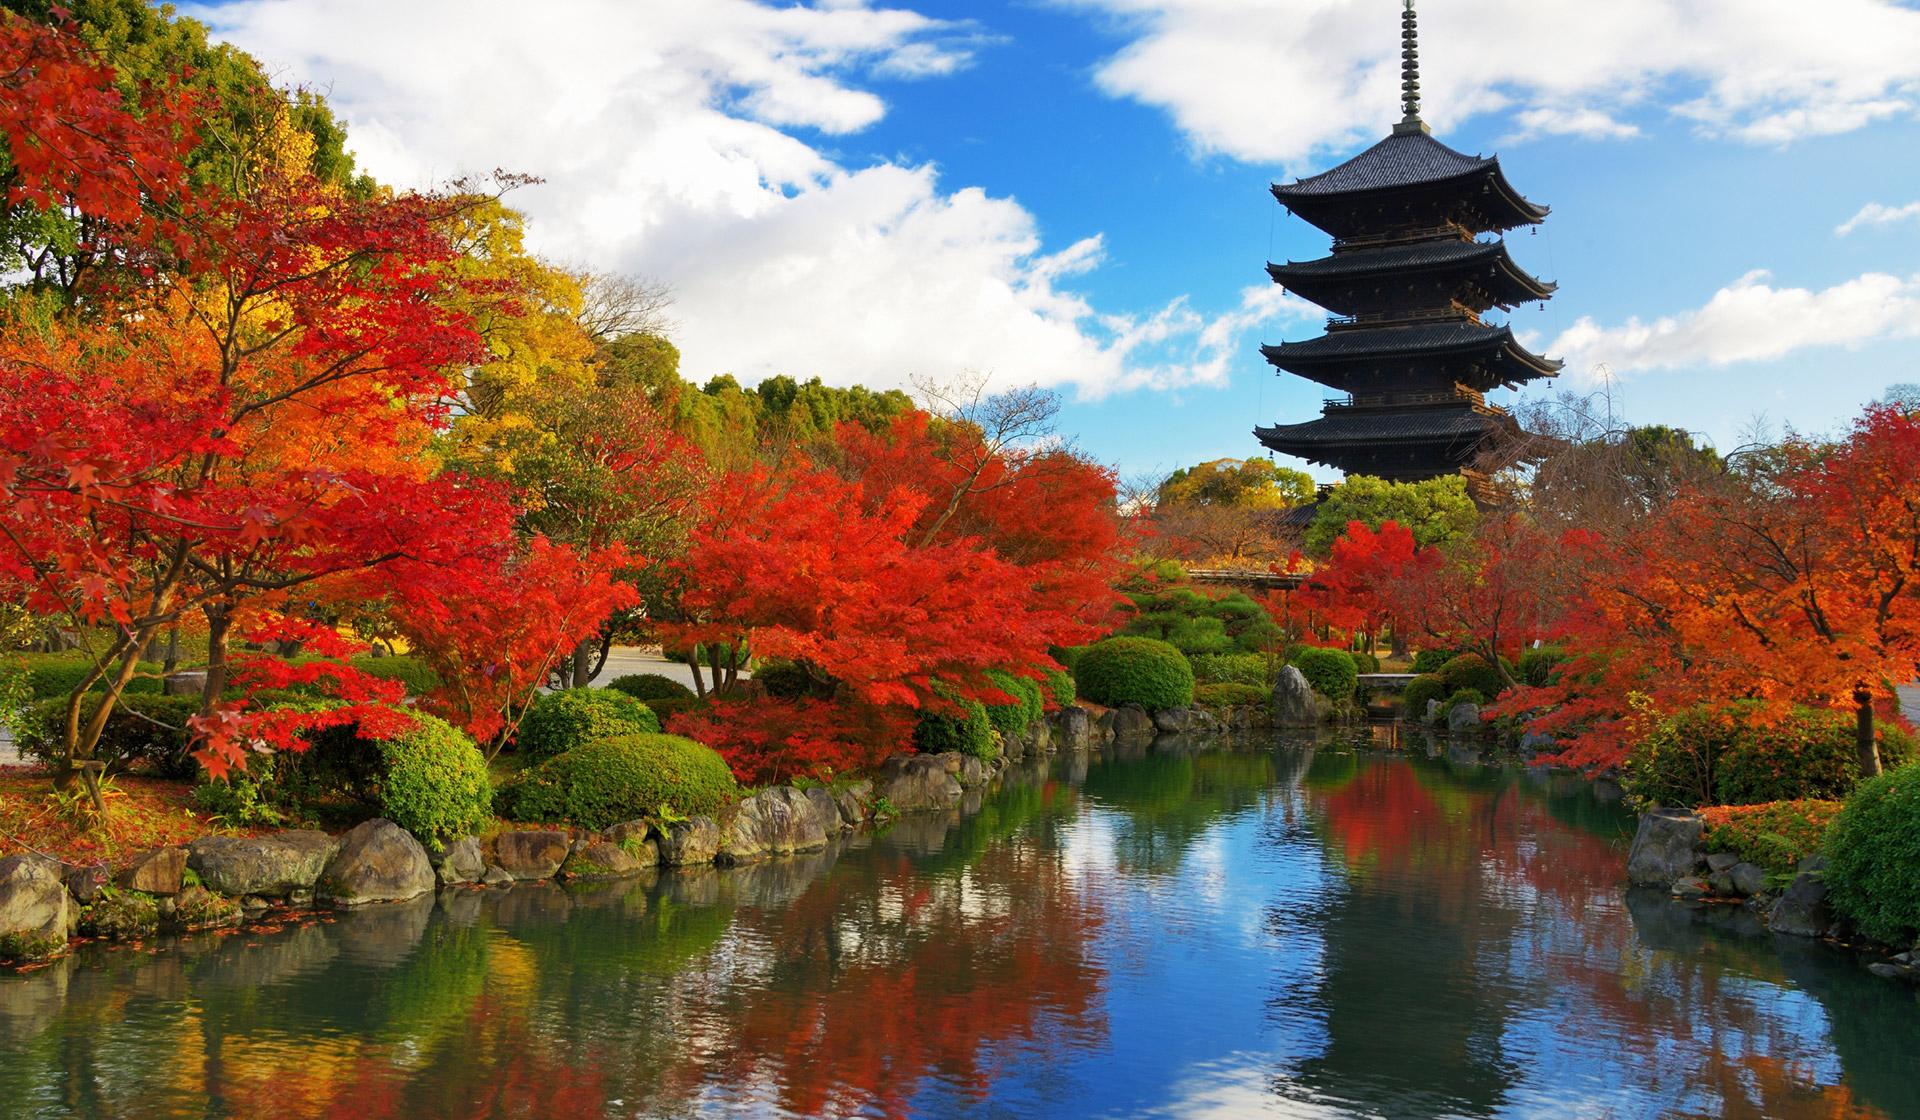 Du lịch Nhật Bản: osaka - kyoto - nagoya - kobe 5 ngày